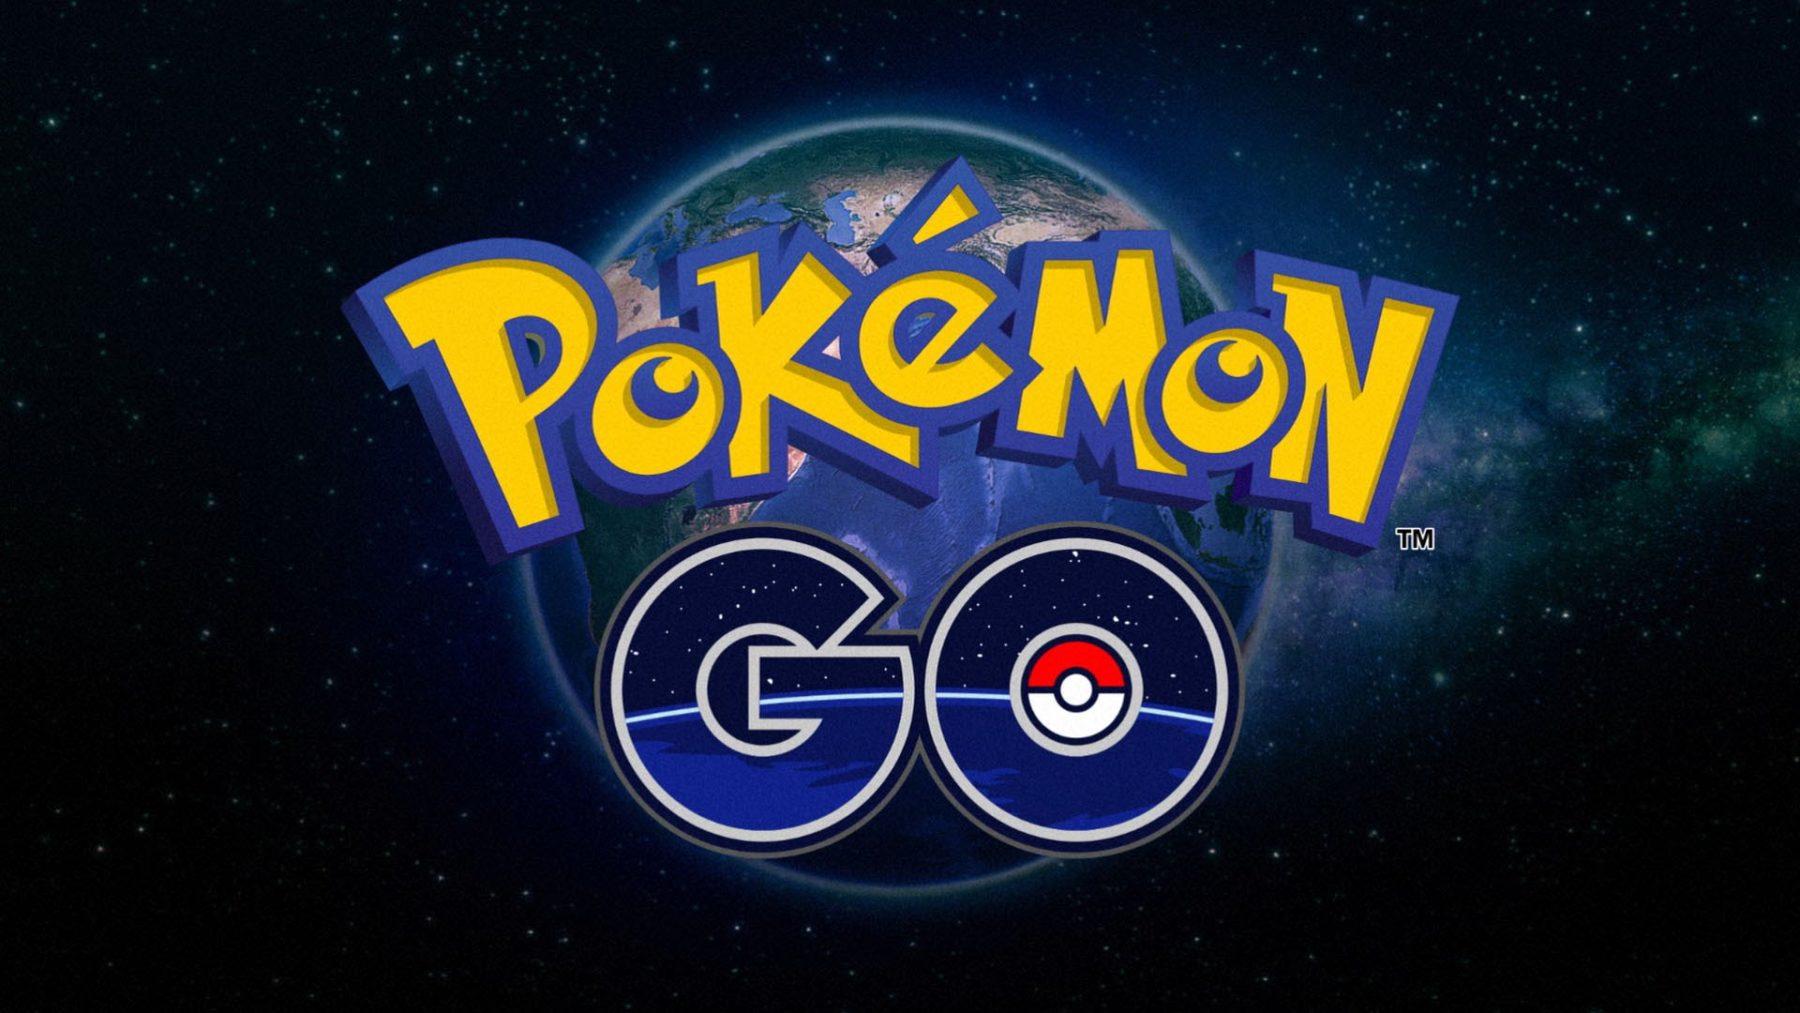 Cura al mundo con Pokémon GO en el Día de la Tierra